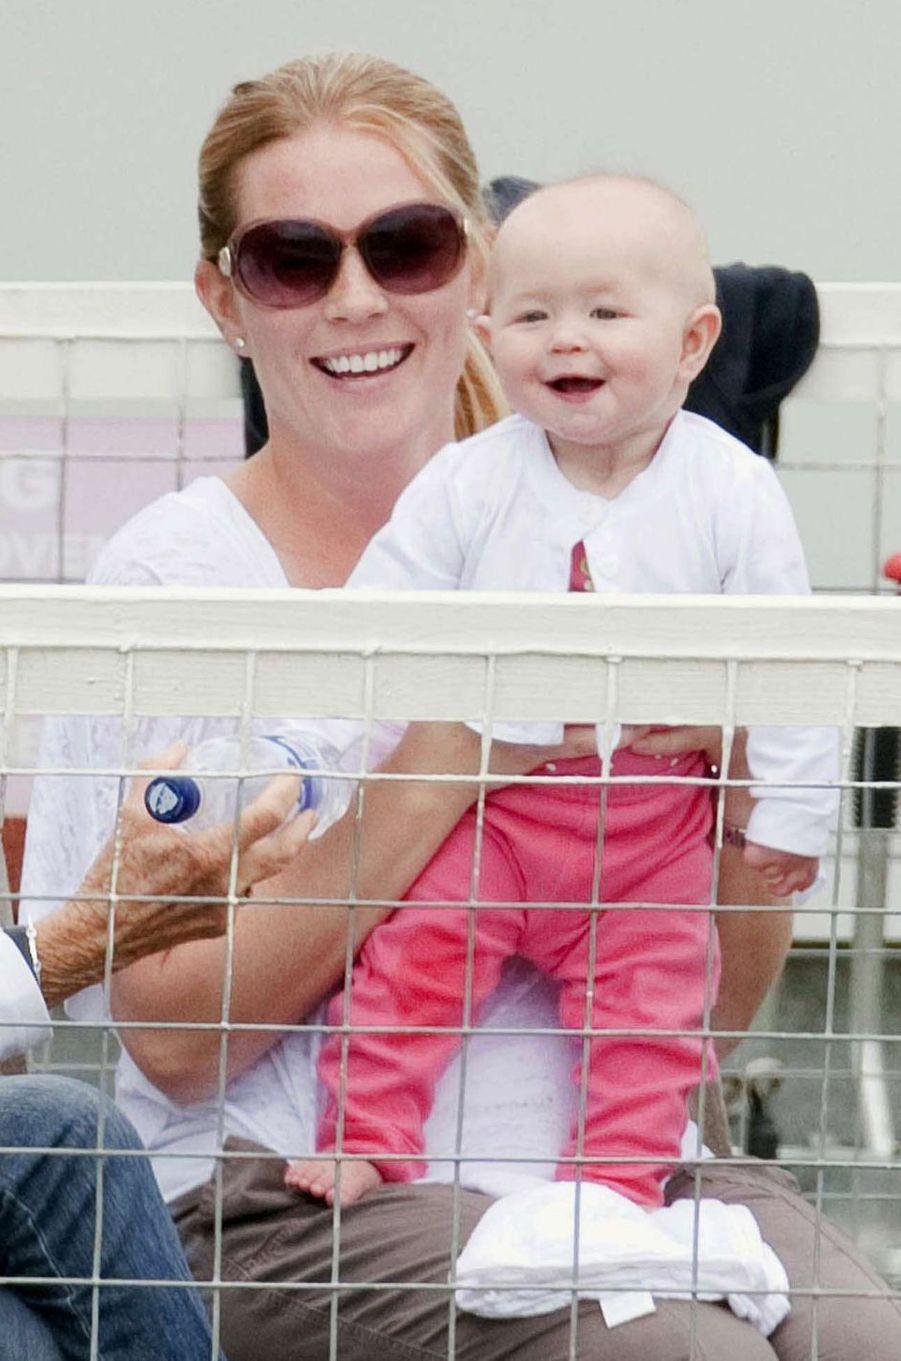 Savannah Phillips, première fille de Peter Phillips et Autumn Kelly, avec celle-ci, le 5 août 2011